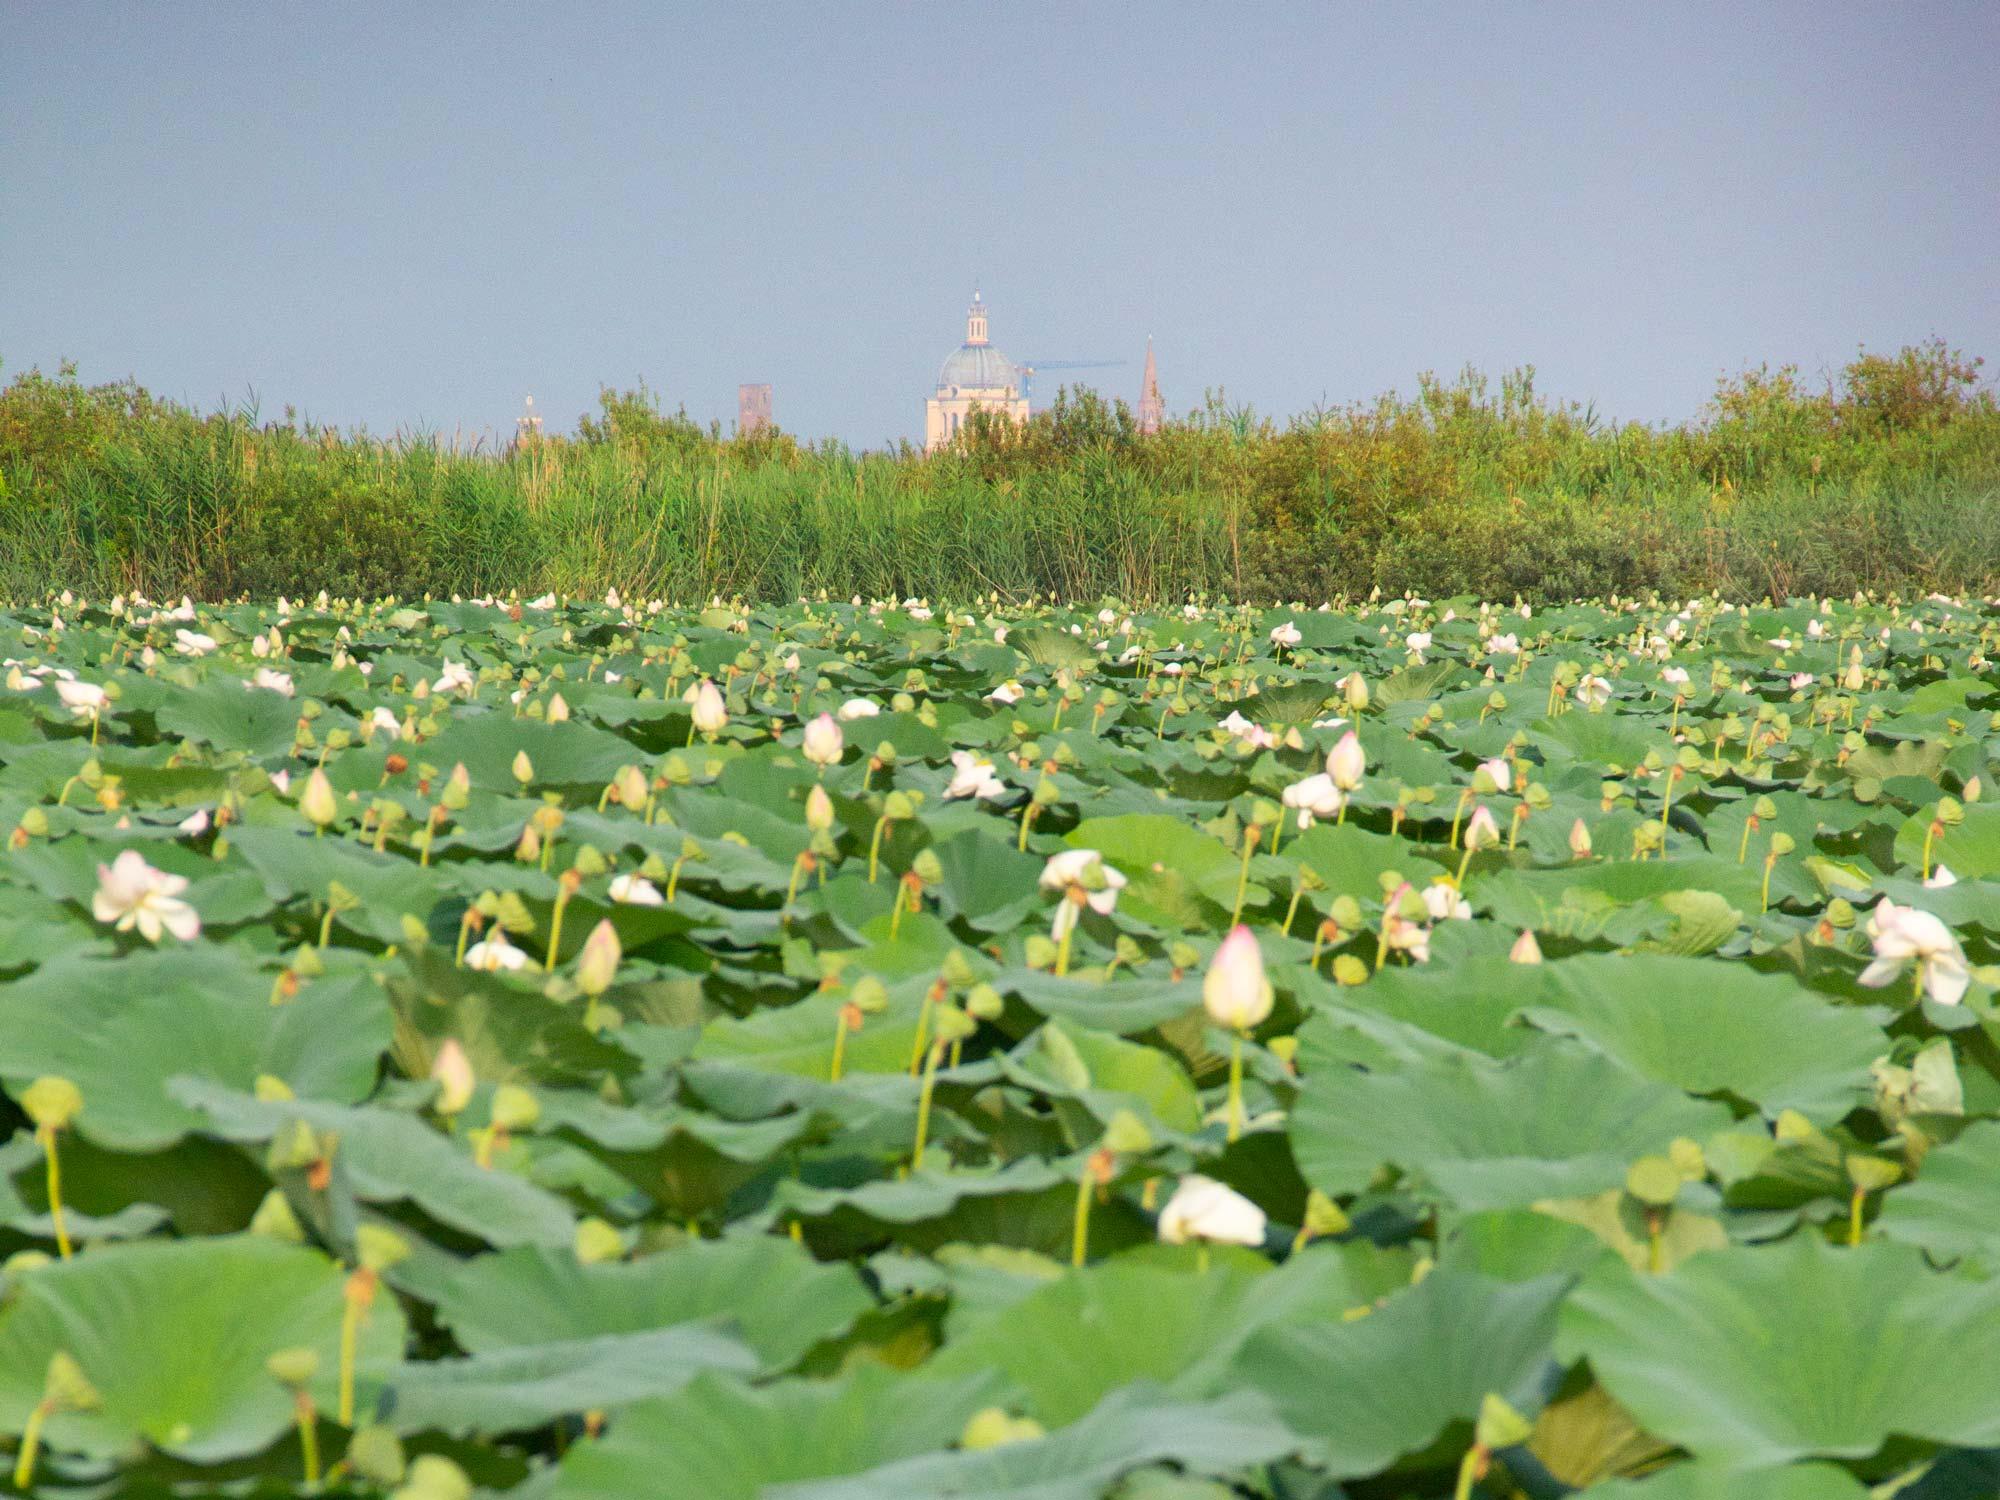 Lombardia segreta: Mantova, il Borgo di Grazie e il risveglio dei fior di loto